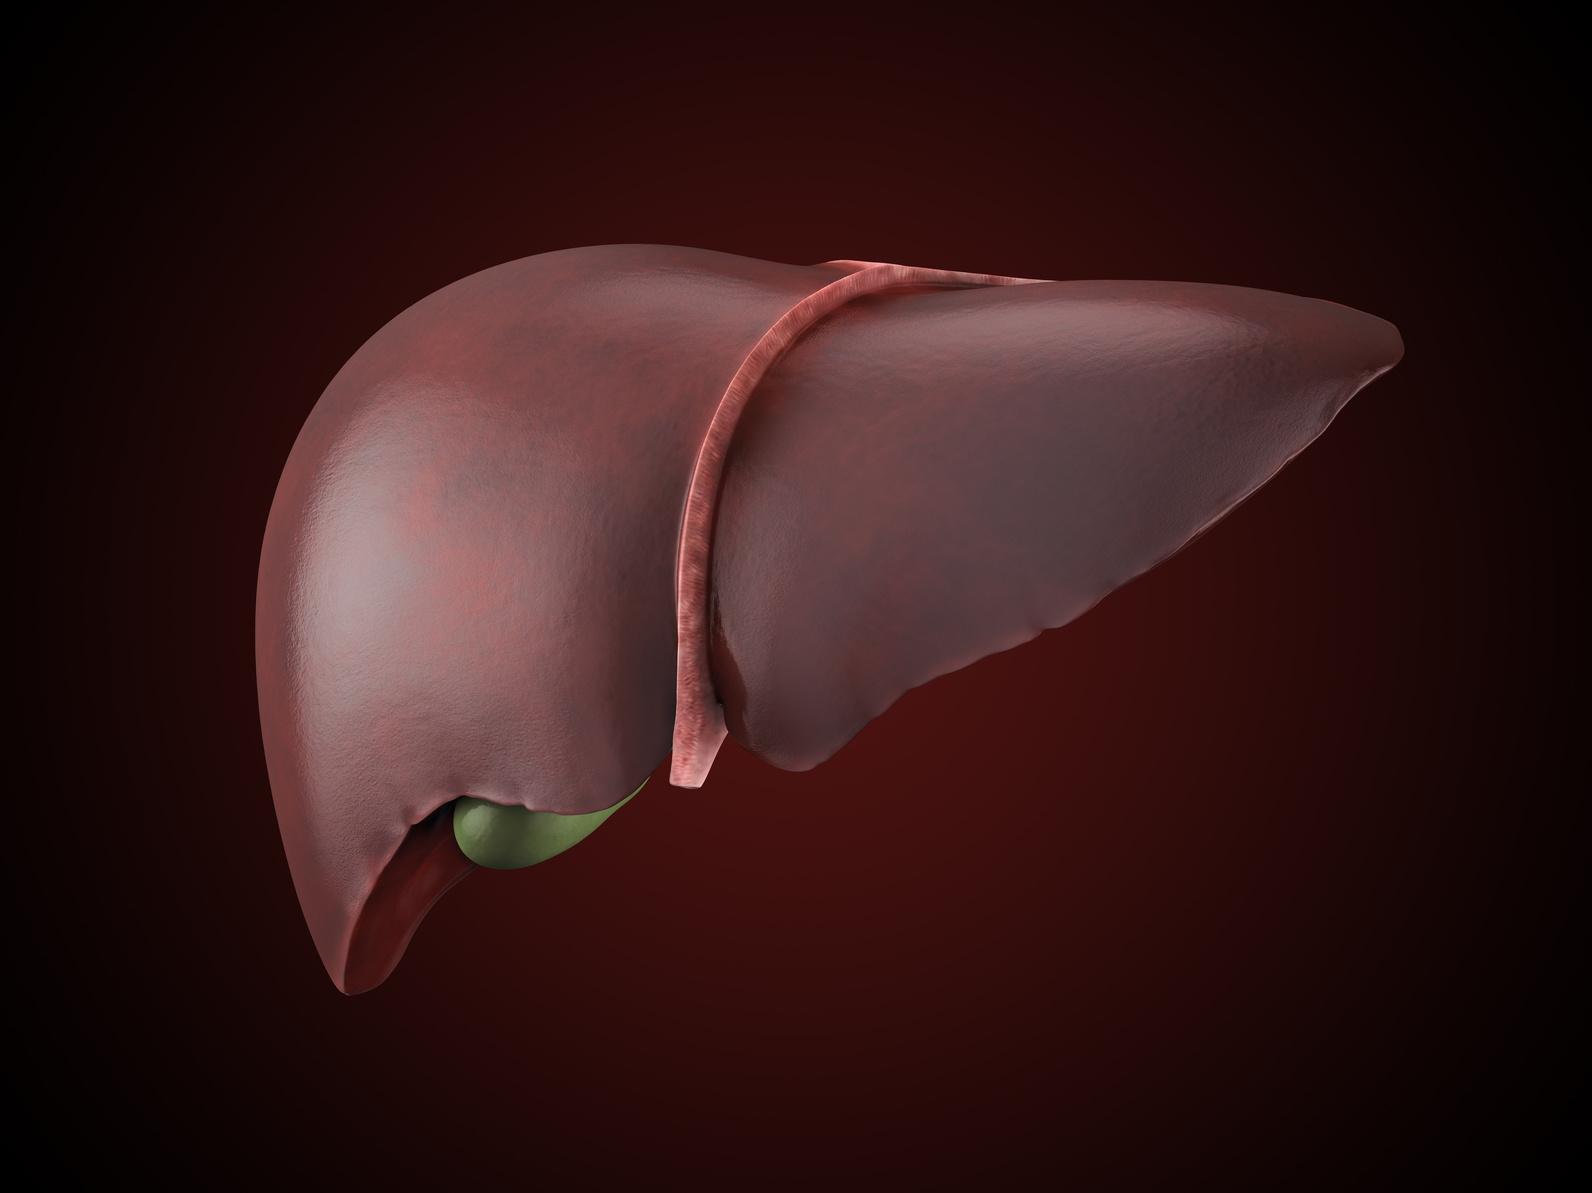 肝臓がんの原因と症状 沈黙の臓器と言われる所以は?